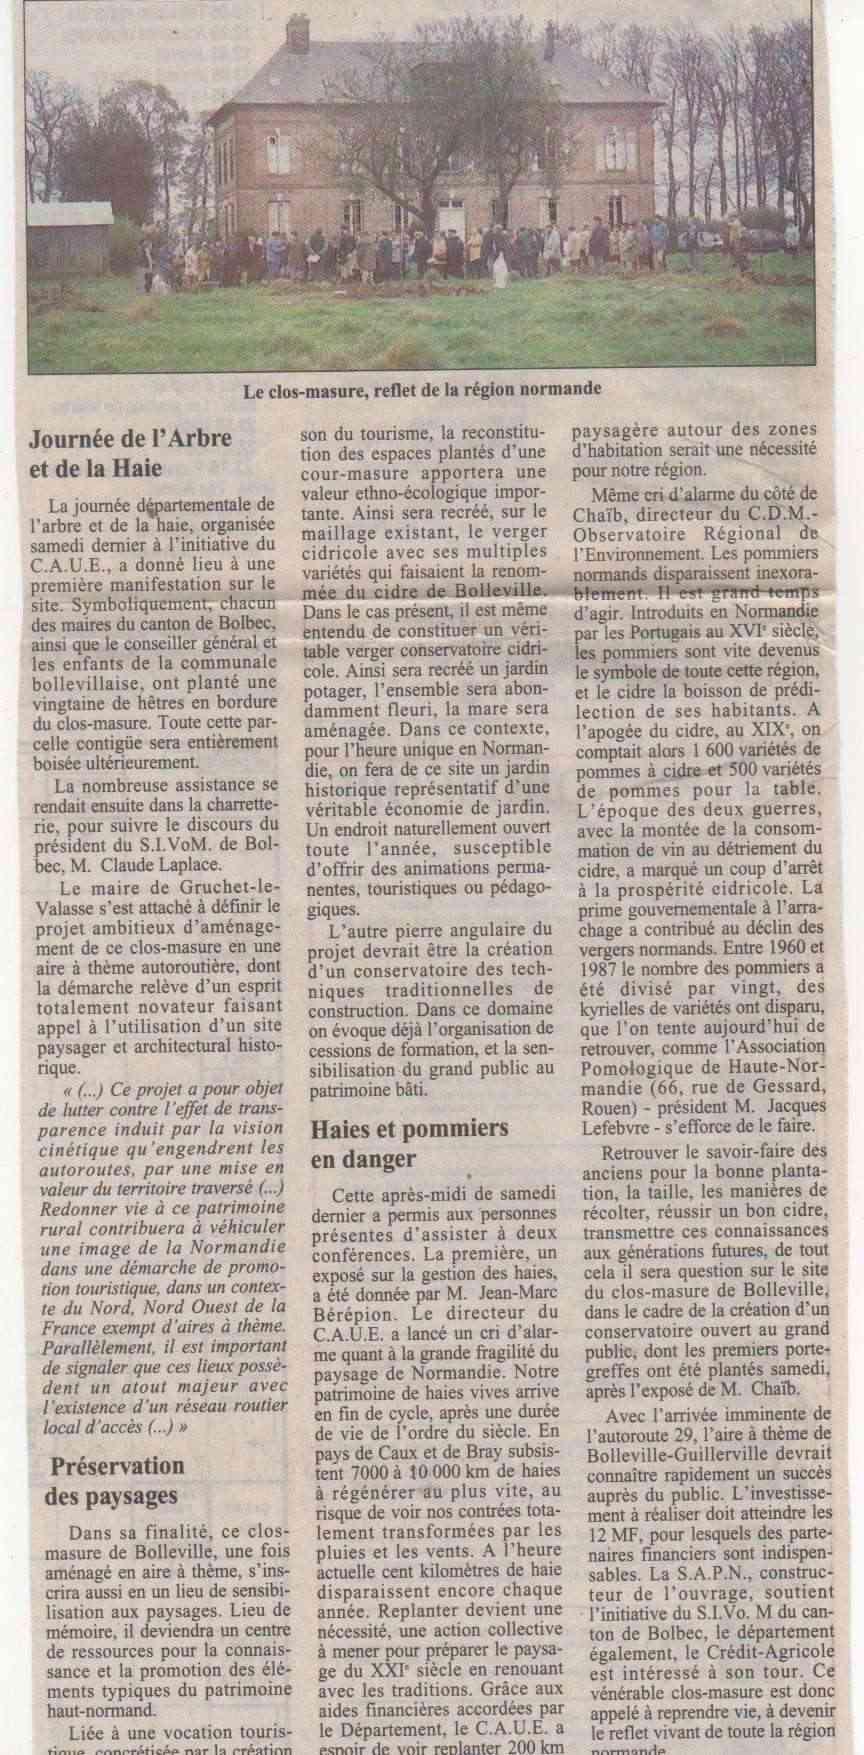 Histoire des communes - Bolleville Histoi11